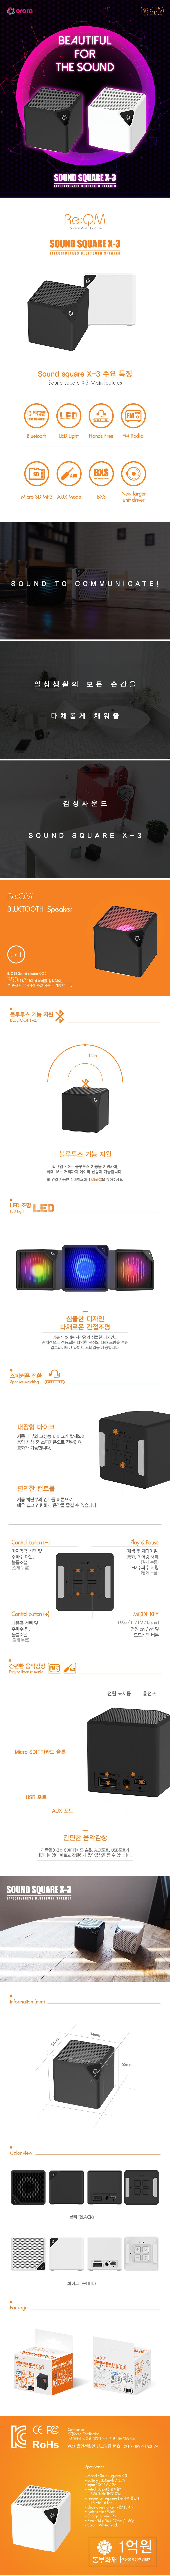 리큐엠 블루투스 스피커 SOUND SQUARE X3 LED 모바일 - 셀탑코리아, 13,000원, 스피커, 포터블/블루투스 스피커